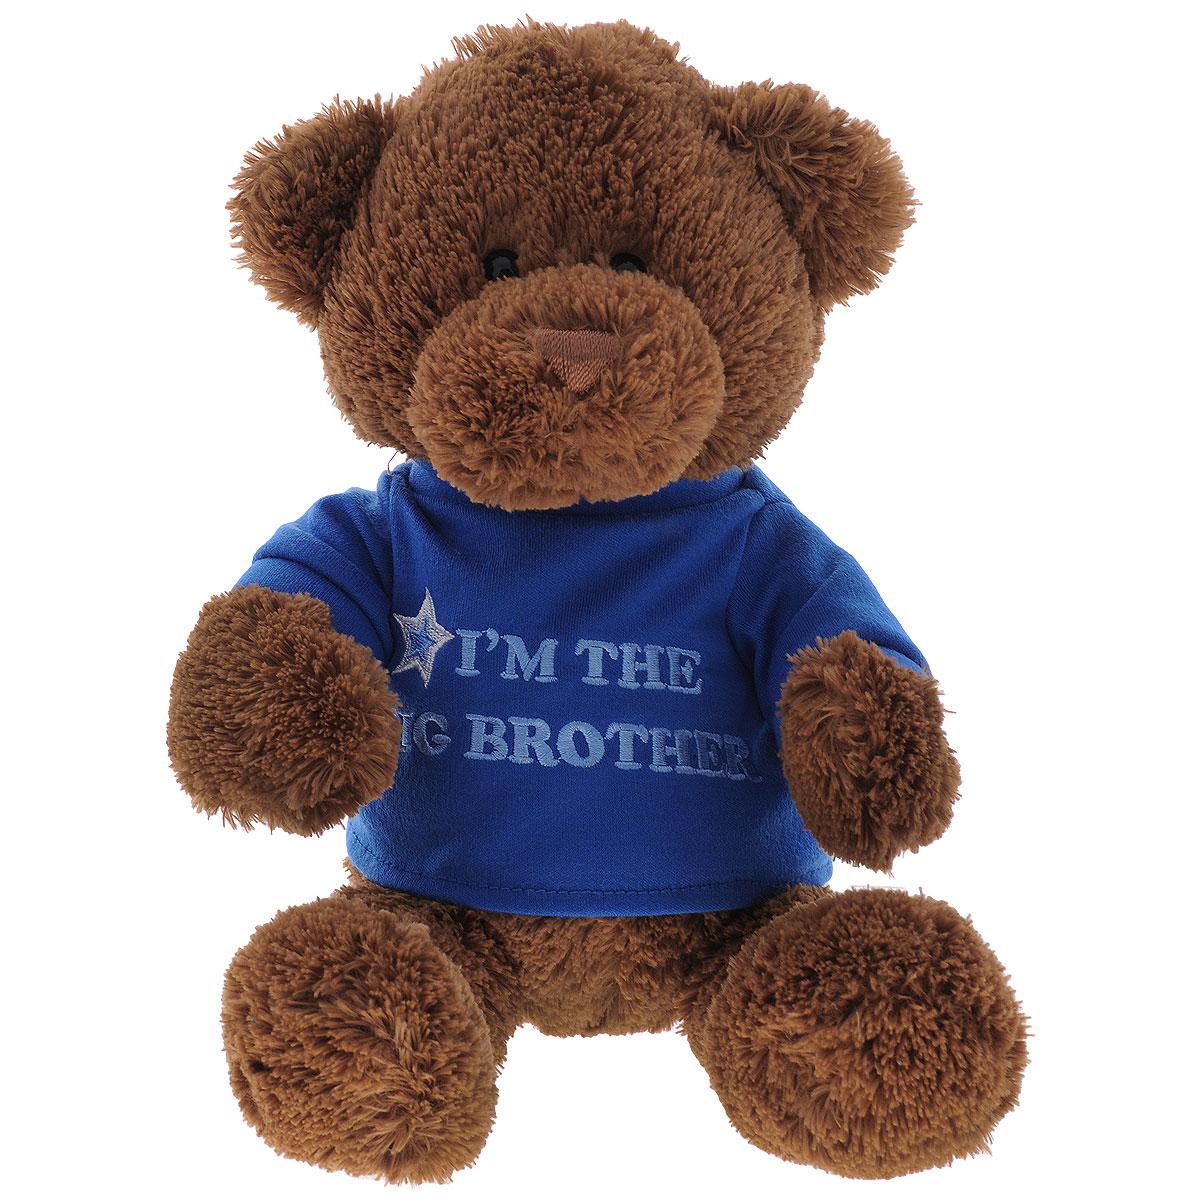 Мягкая игрушка Gund Big Brother, 29 см320153Мягкая игрушка Gund Big Sister, выполненная в виде медвежонка коричневого цвета в синей кофте. Игрушка вызовет умиление и улыбку у каждого, кто ее увидит. Удивительно мягкая игрушка принесет радость и подарит своему обладателю мгновения нежных объятий и приятных воспоминаний. Великолепное качество исполнения делают эту игрушку чудесным подарком к любому празднику.